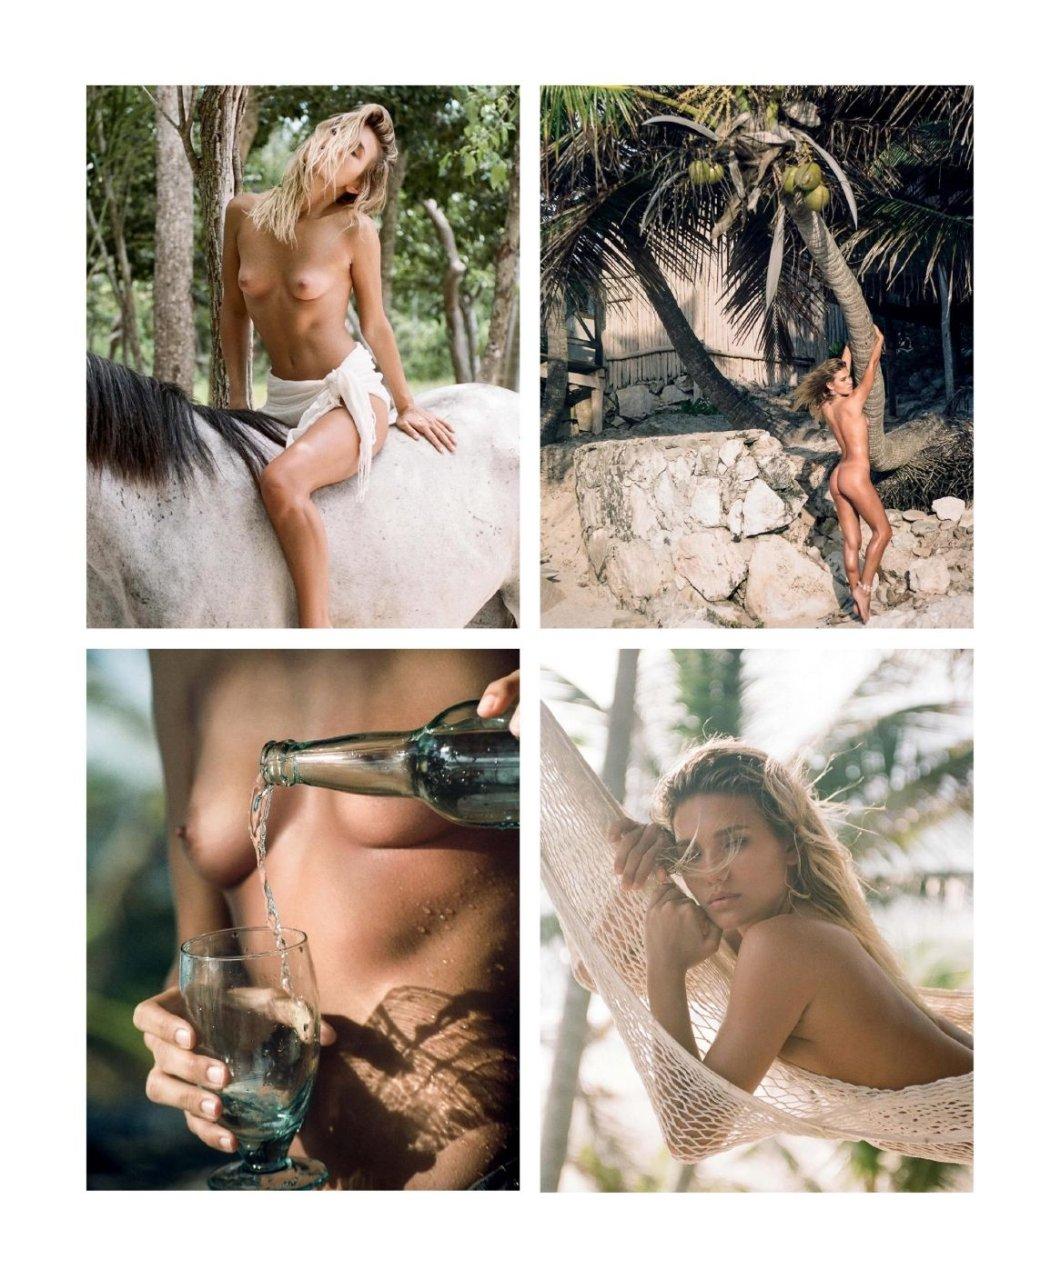 tara lynn topless